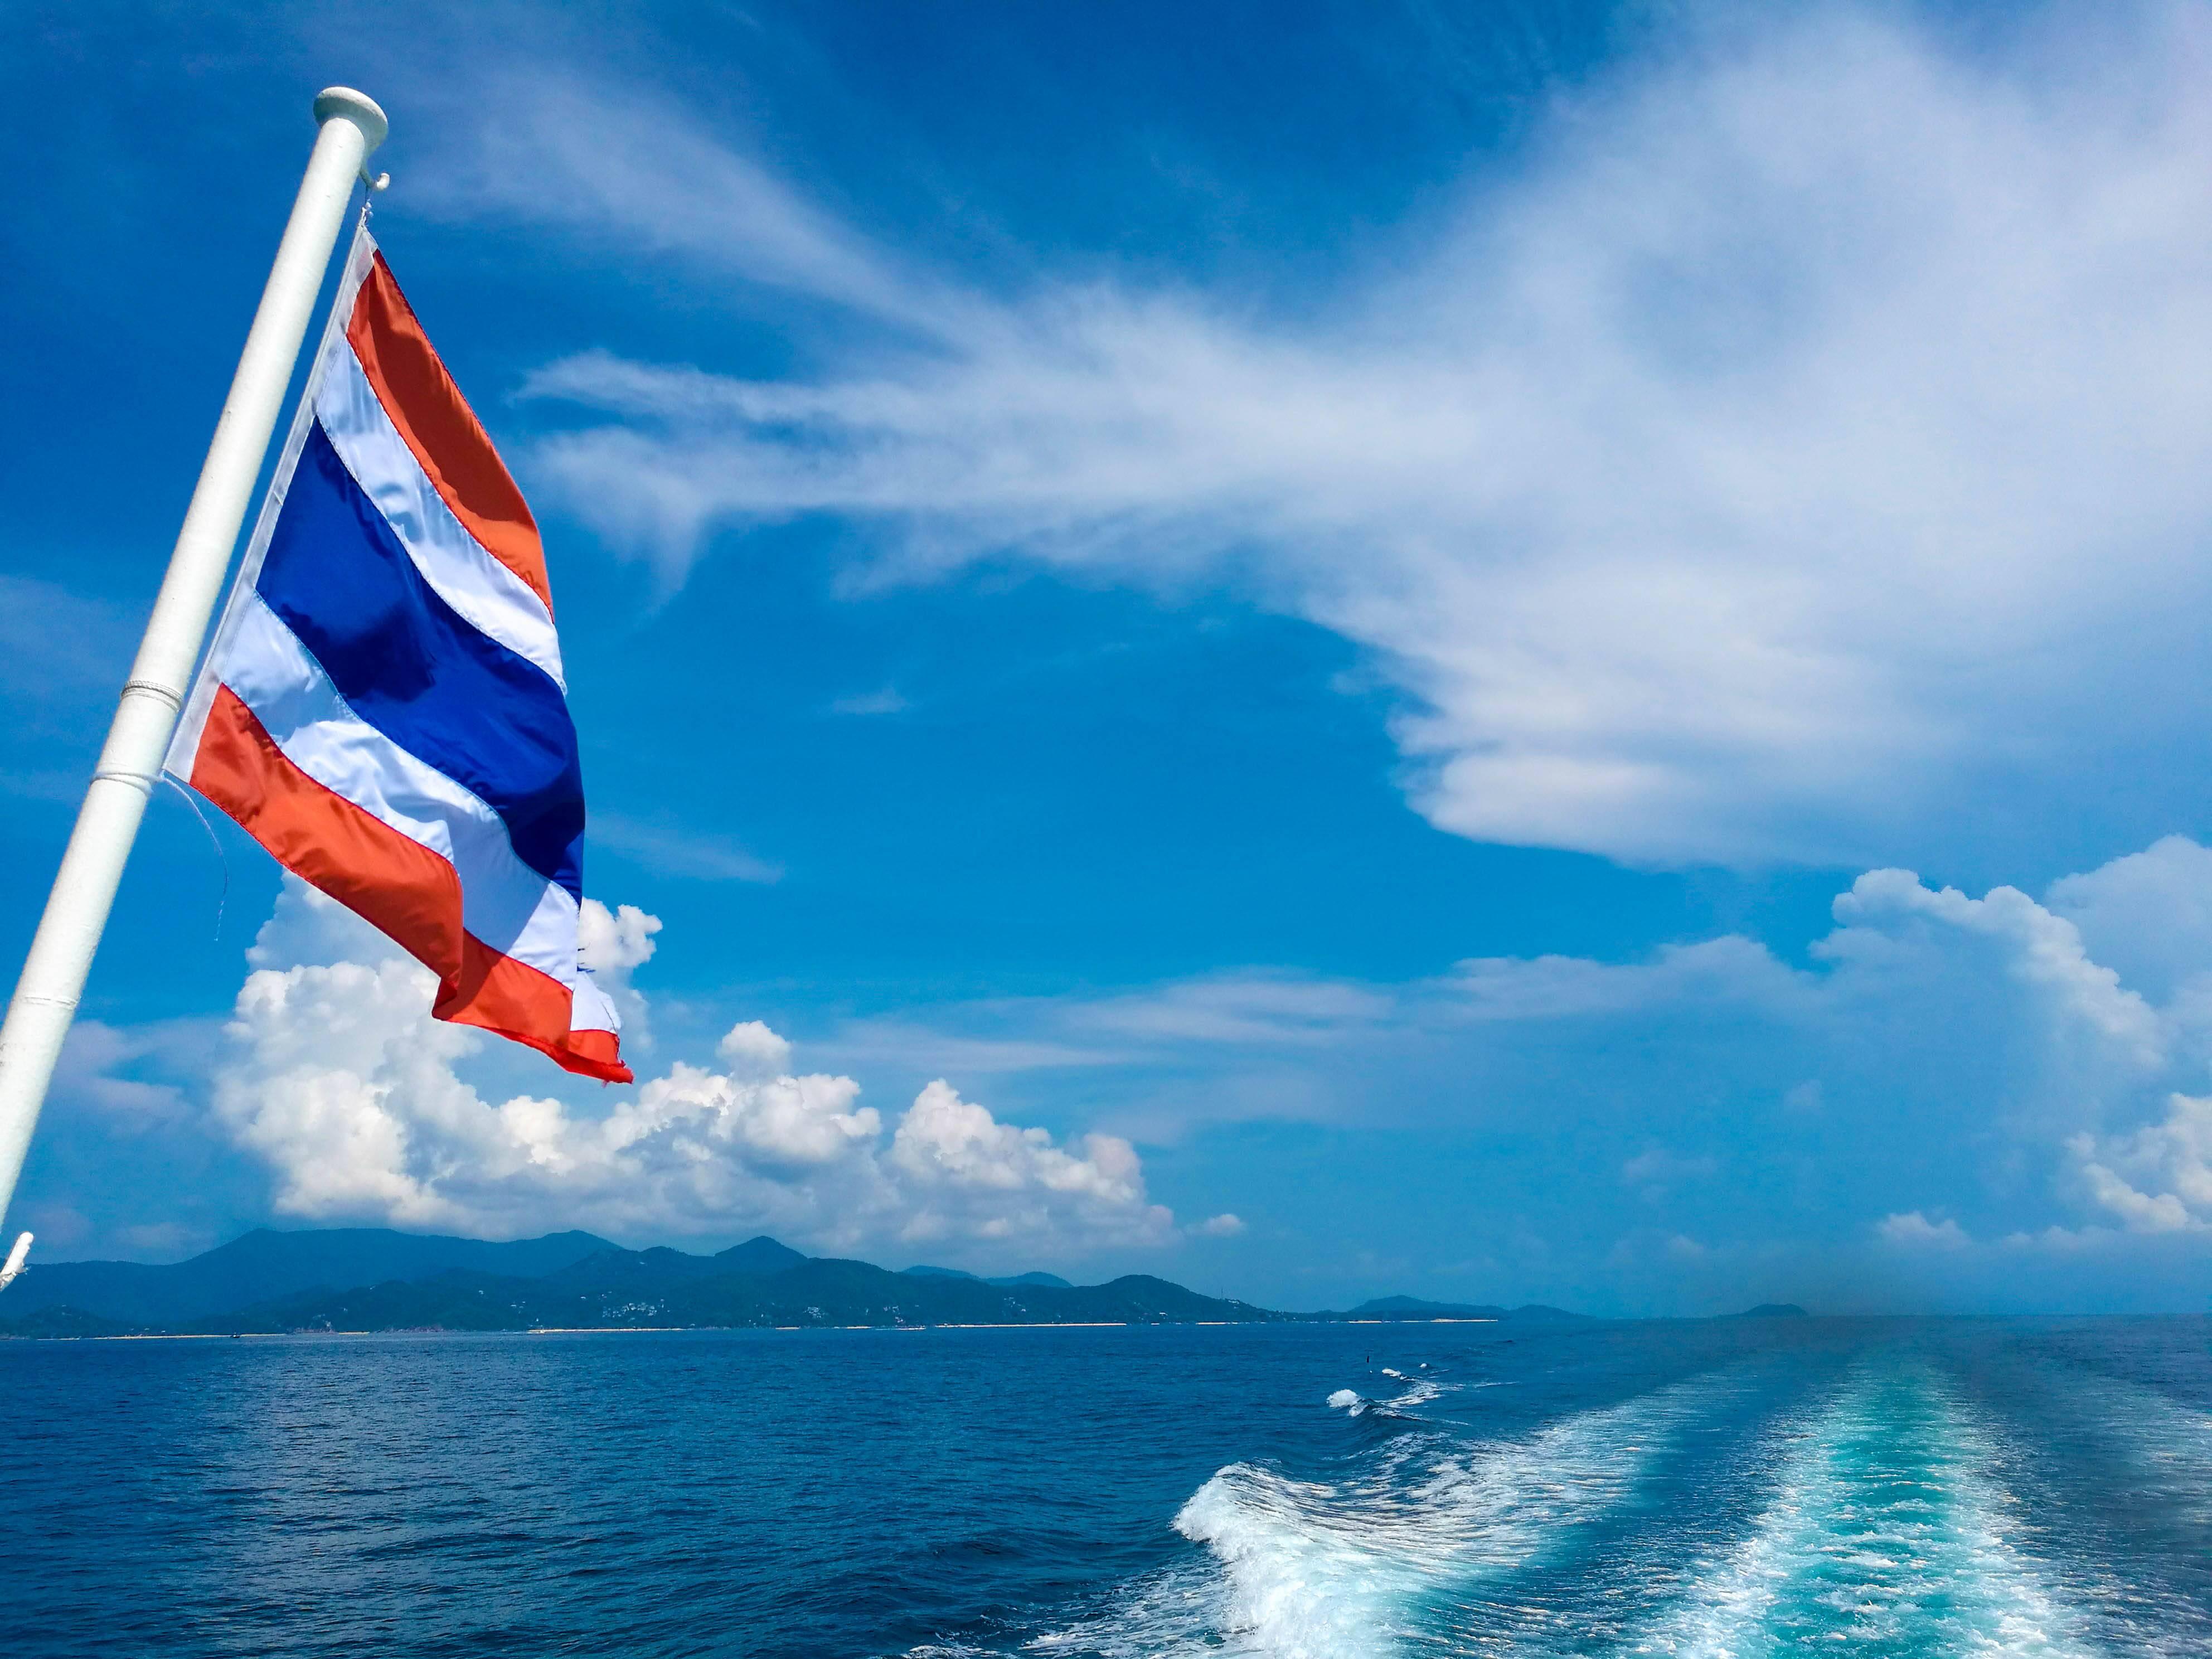 Cidades da Tailândia: resumo com as principais atrações